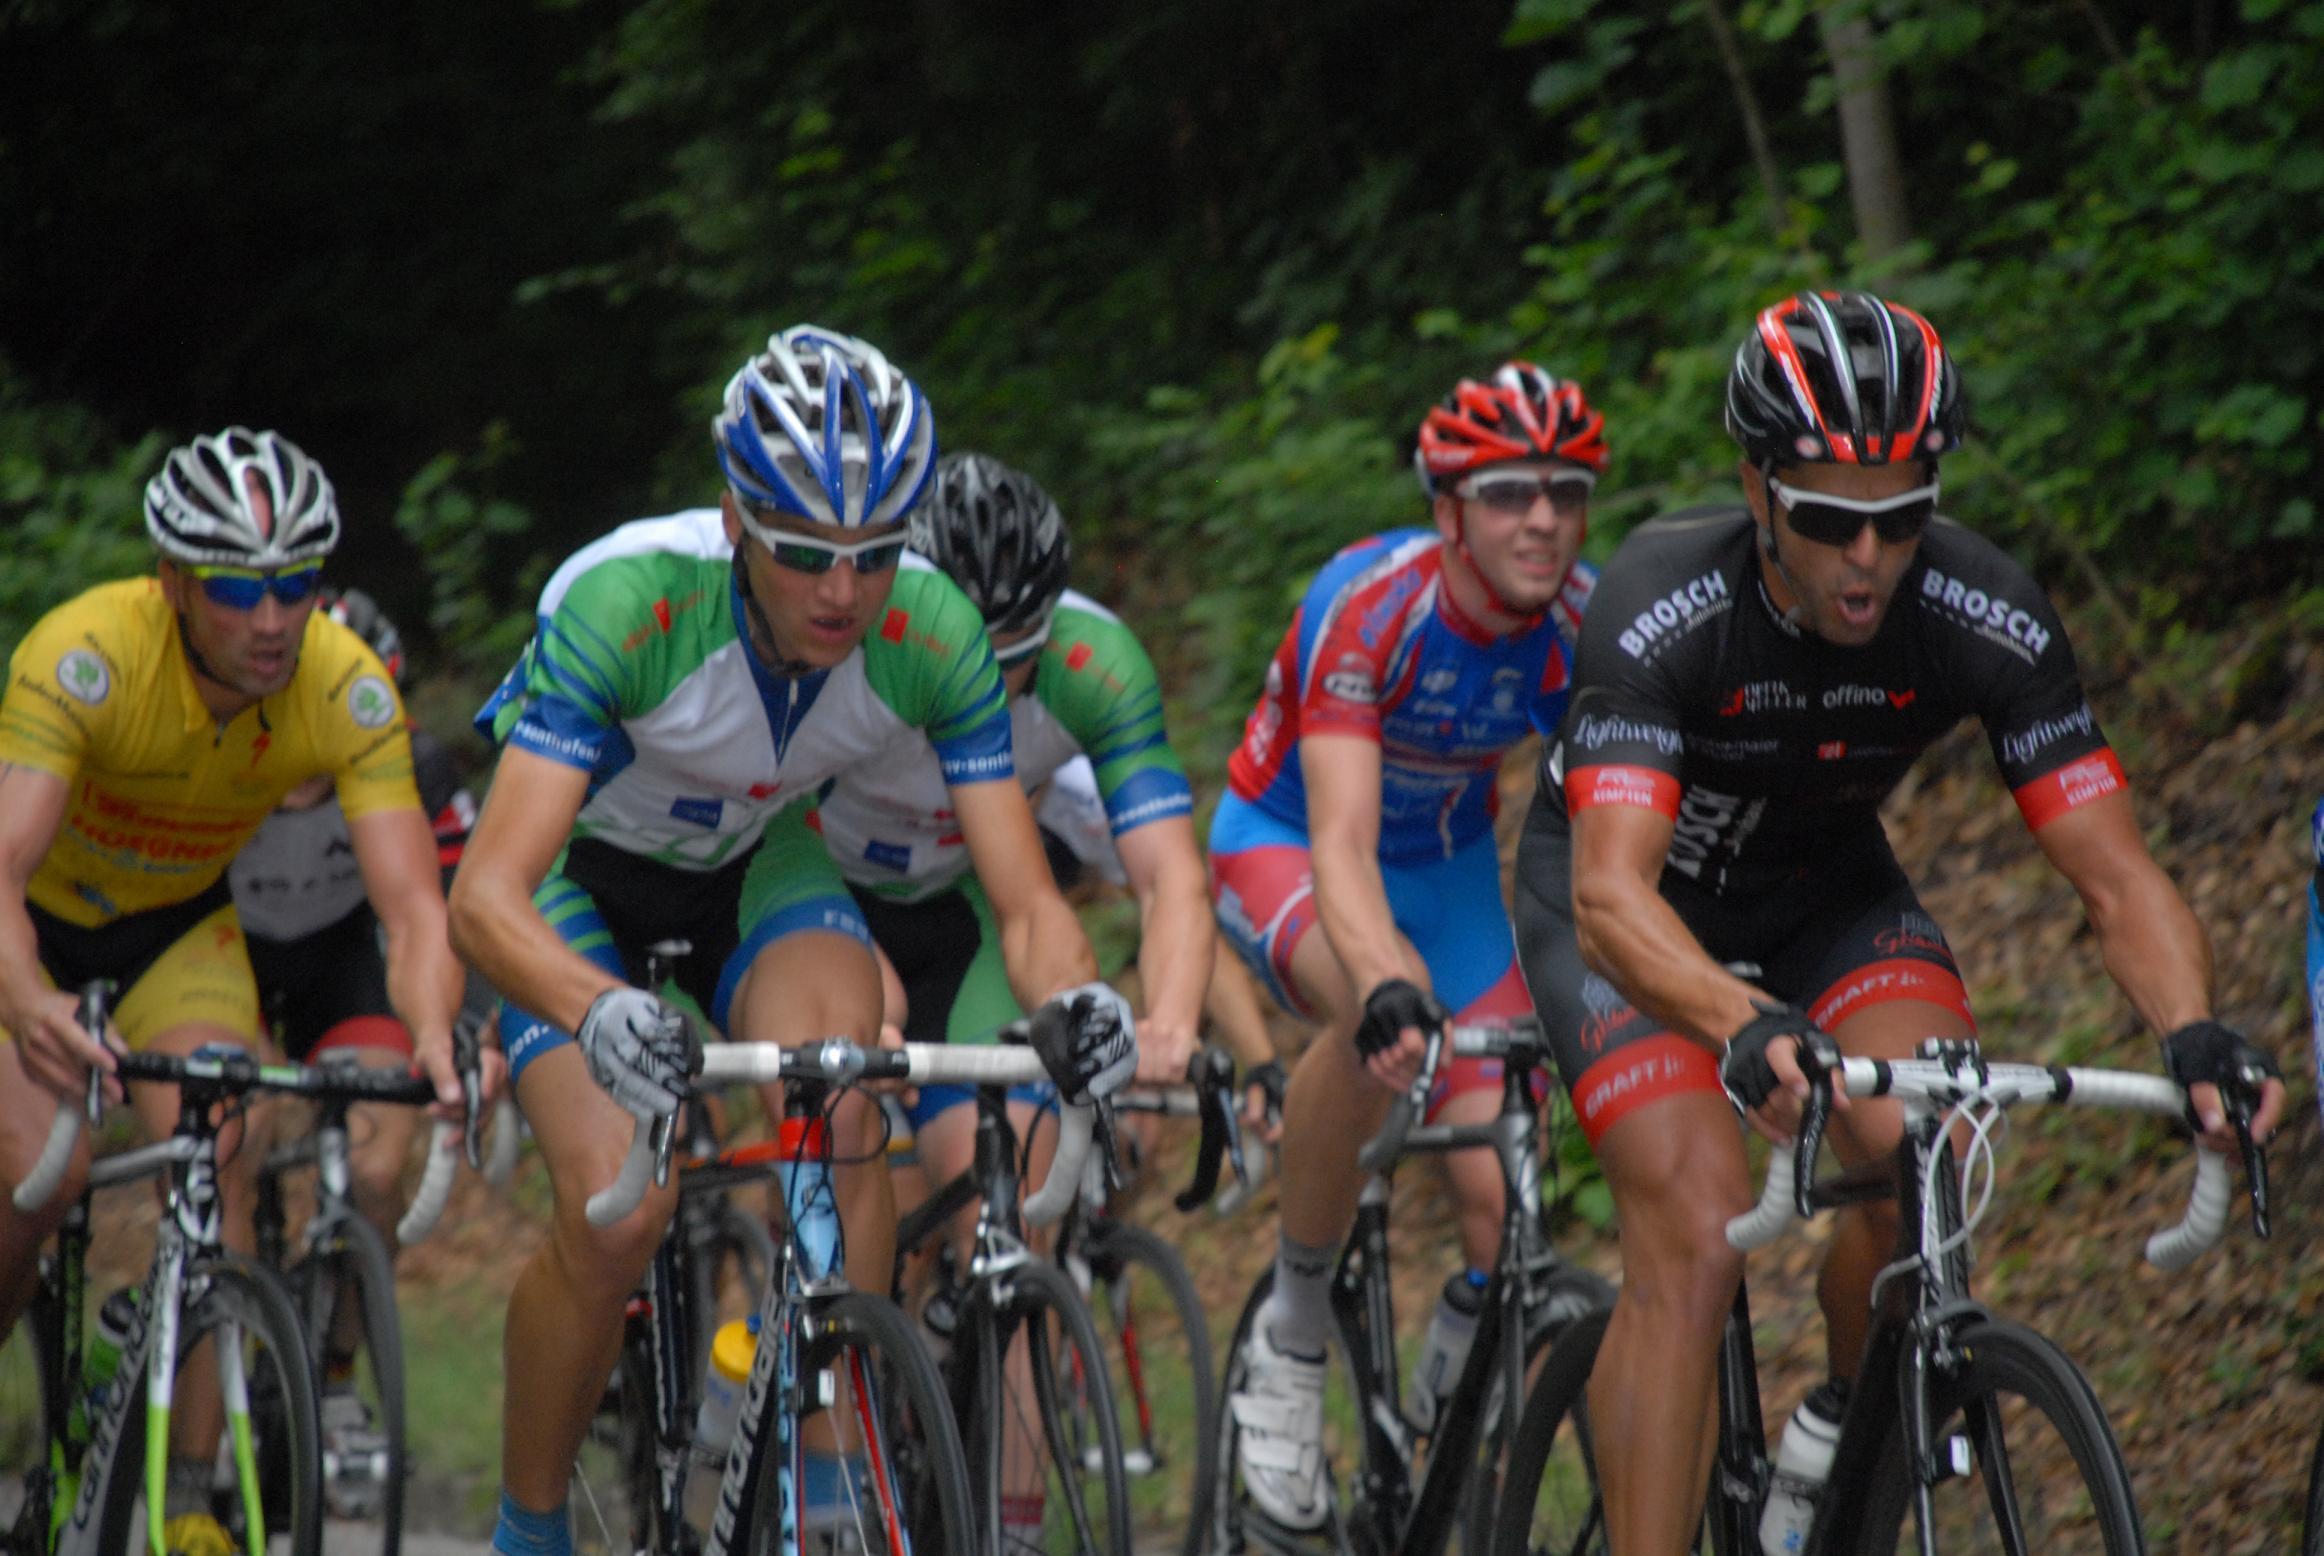 3. Andreas Brandl Gedächtnisrennen läutet den Start in die Oberallgäuer Radsportsaison ein